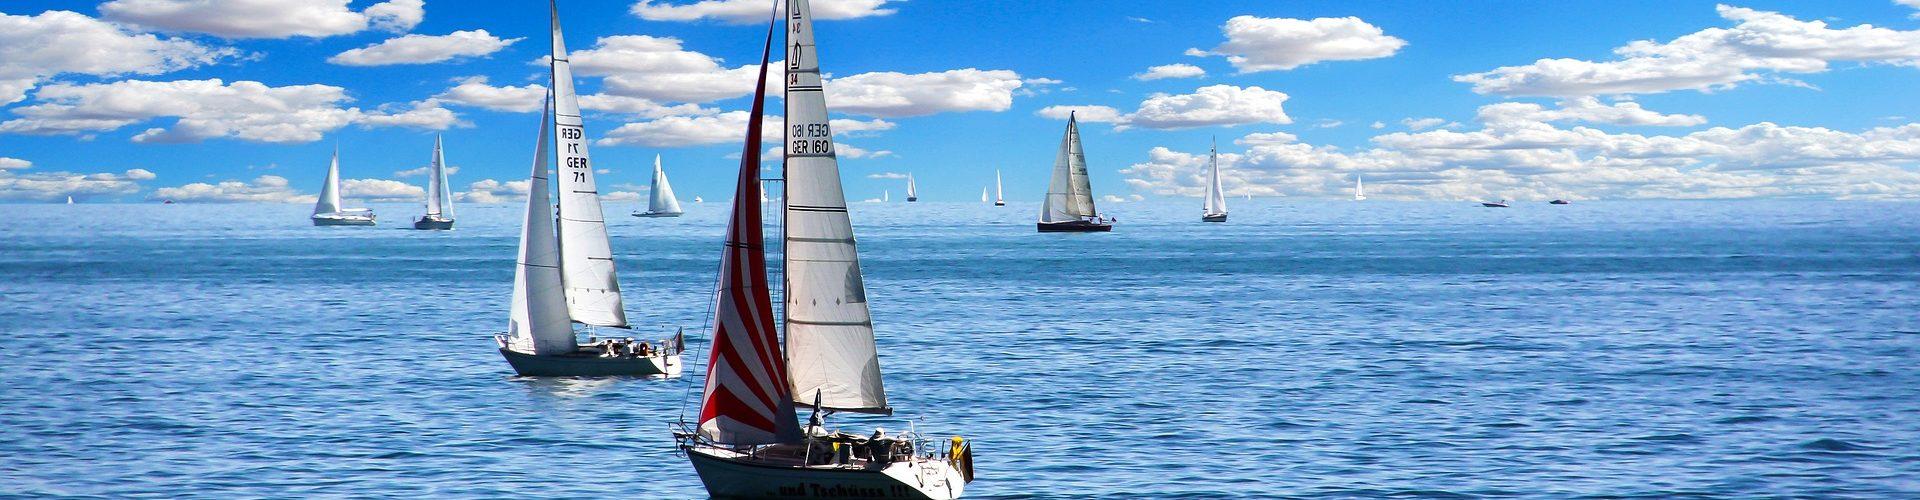 segeln lernen in Leck segelschein machen in Leck 1920x500 - Segeln lernen in Leck